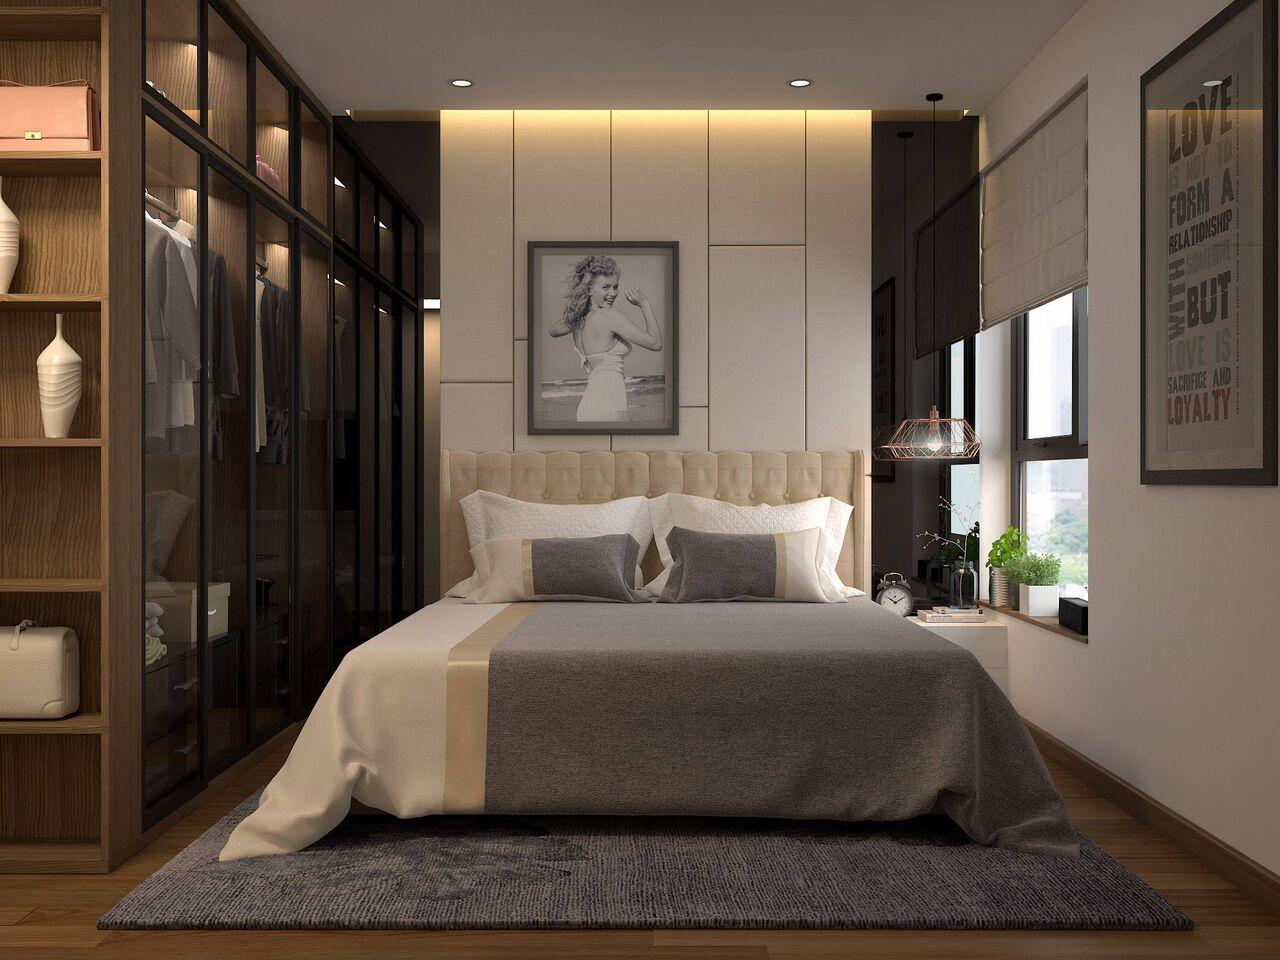 cách trang trí phòng ngủ hiện đại